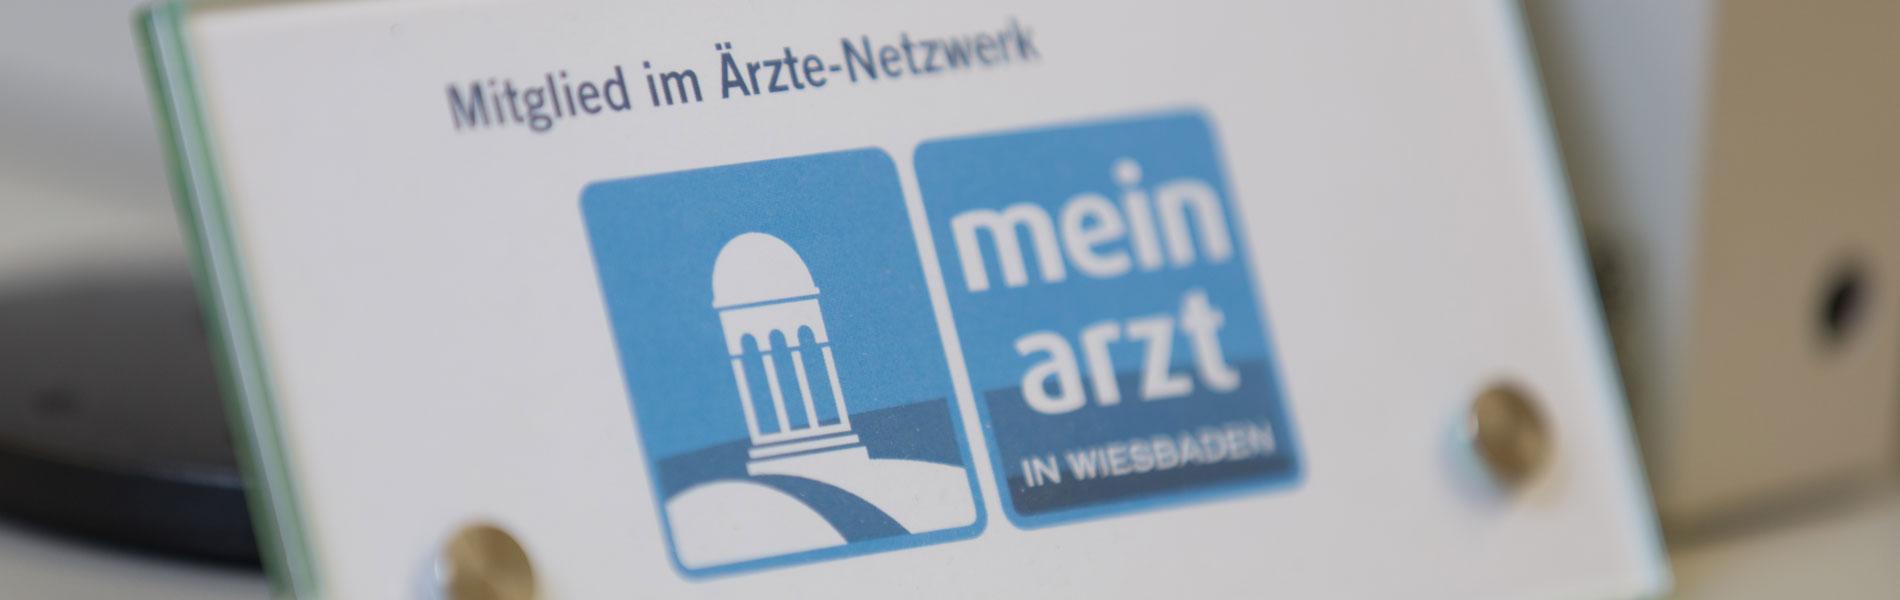 Ortho-Nova ist Mitglied im Ärtze-Netzwerk von Wiesbaden.